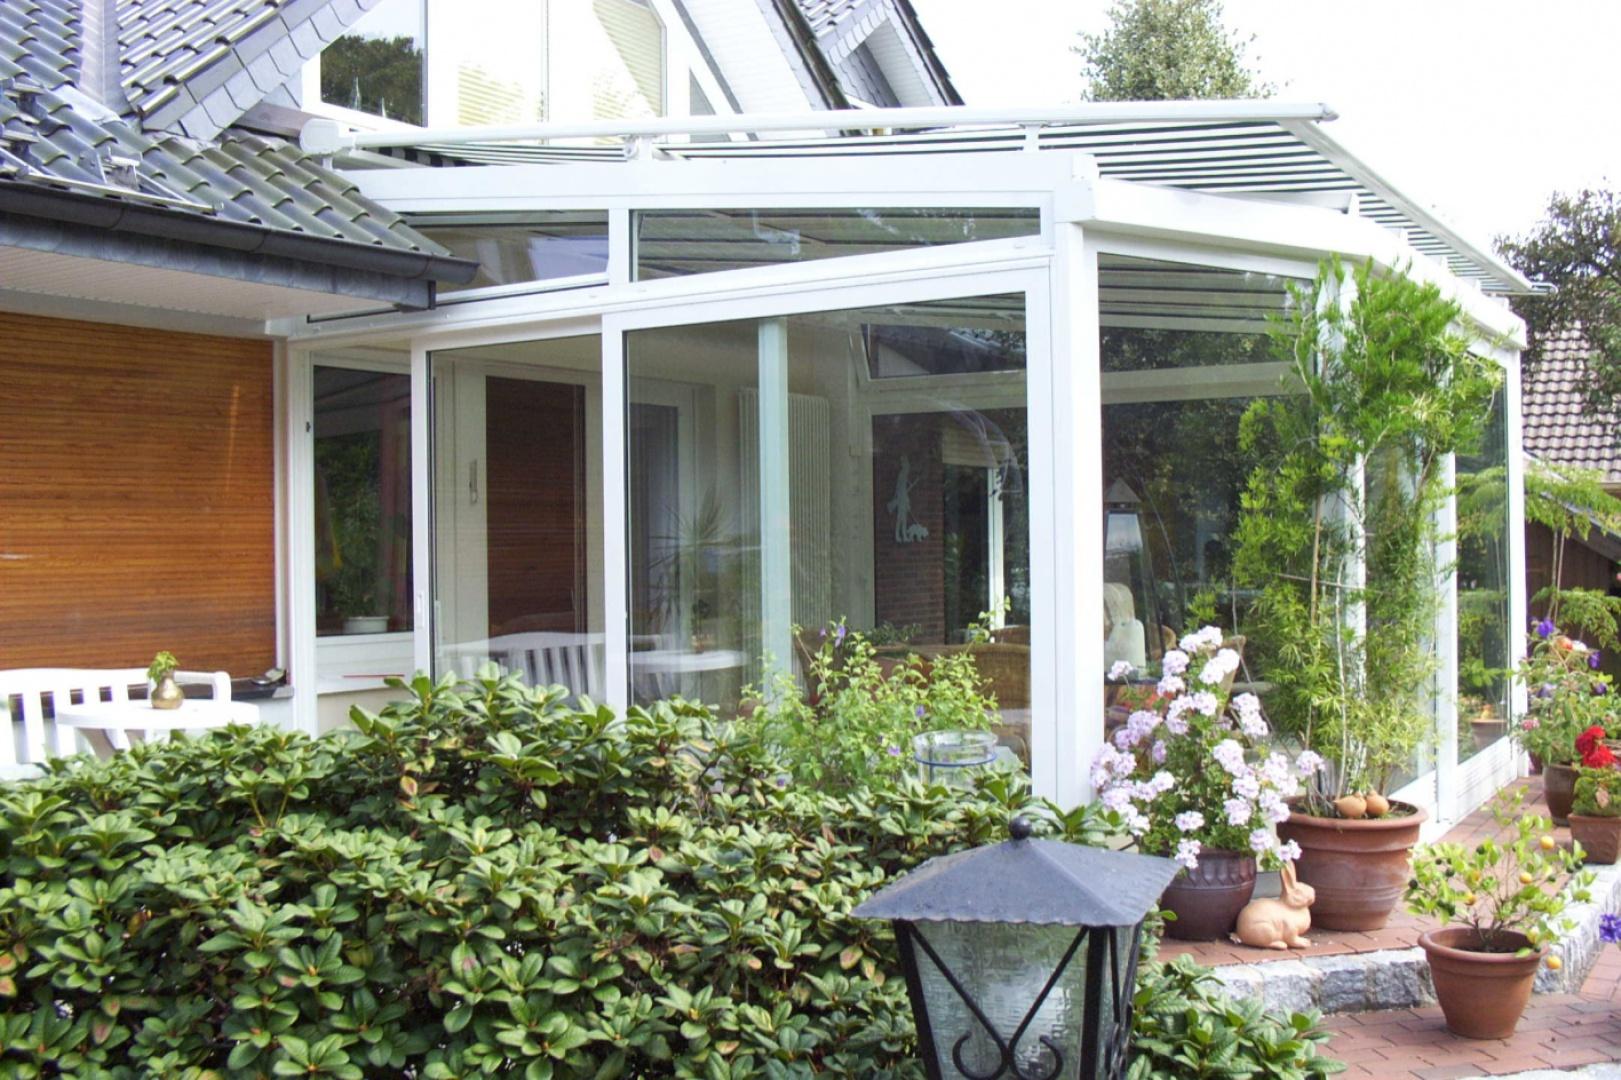 Ogród zimowy to także idealny sposób na powiększenie powierzchni użytkowej domu. Fot. Aluhaus.